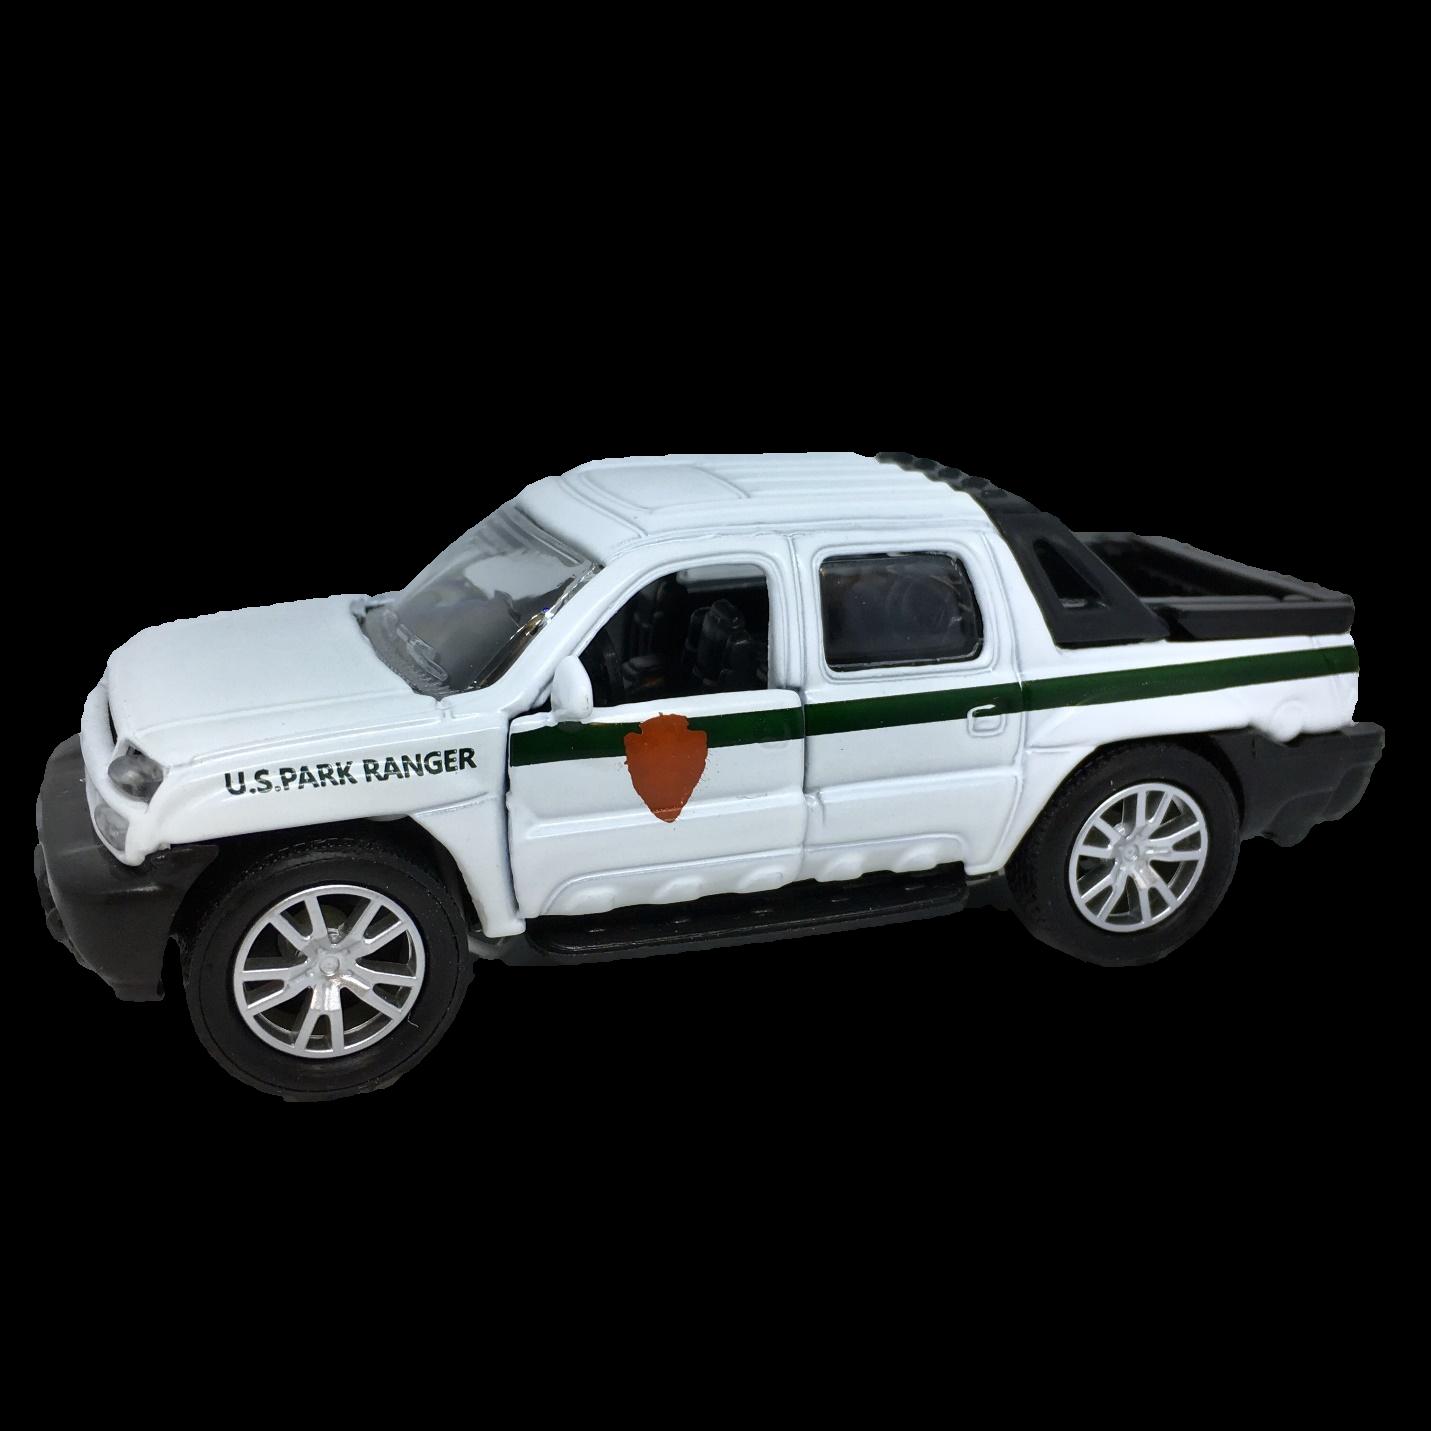 Ranger truck